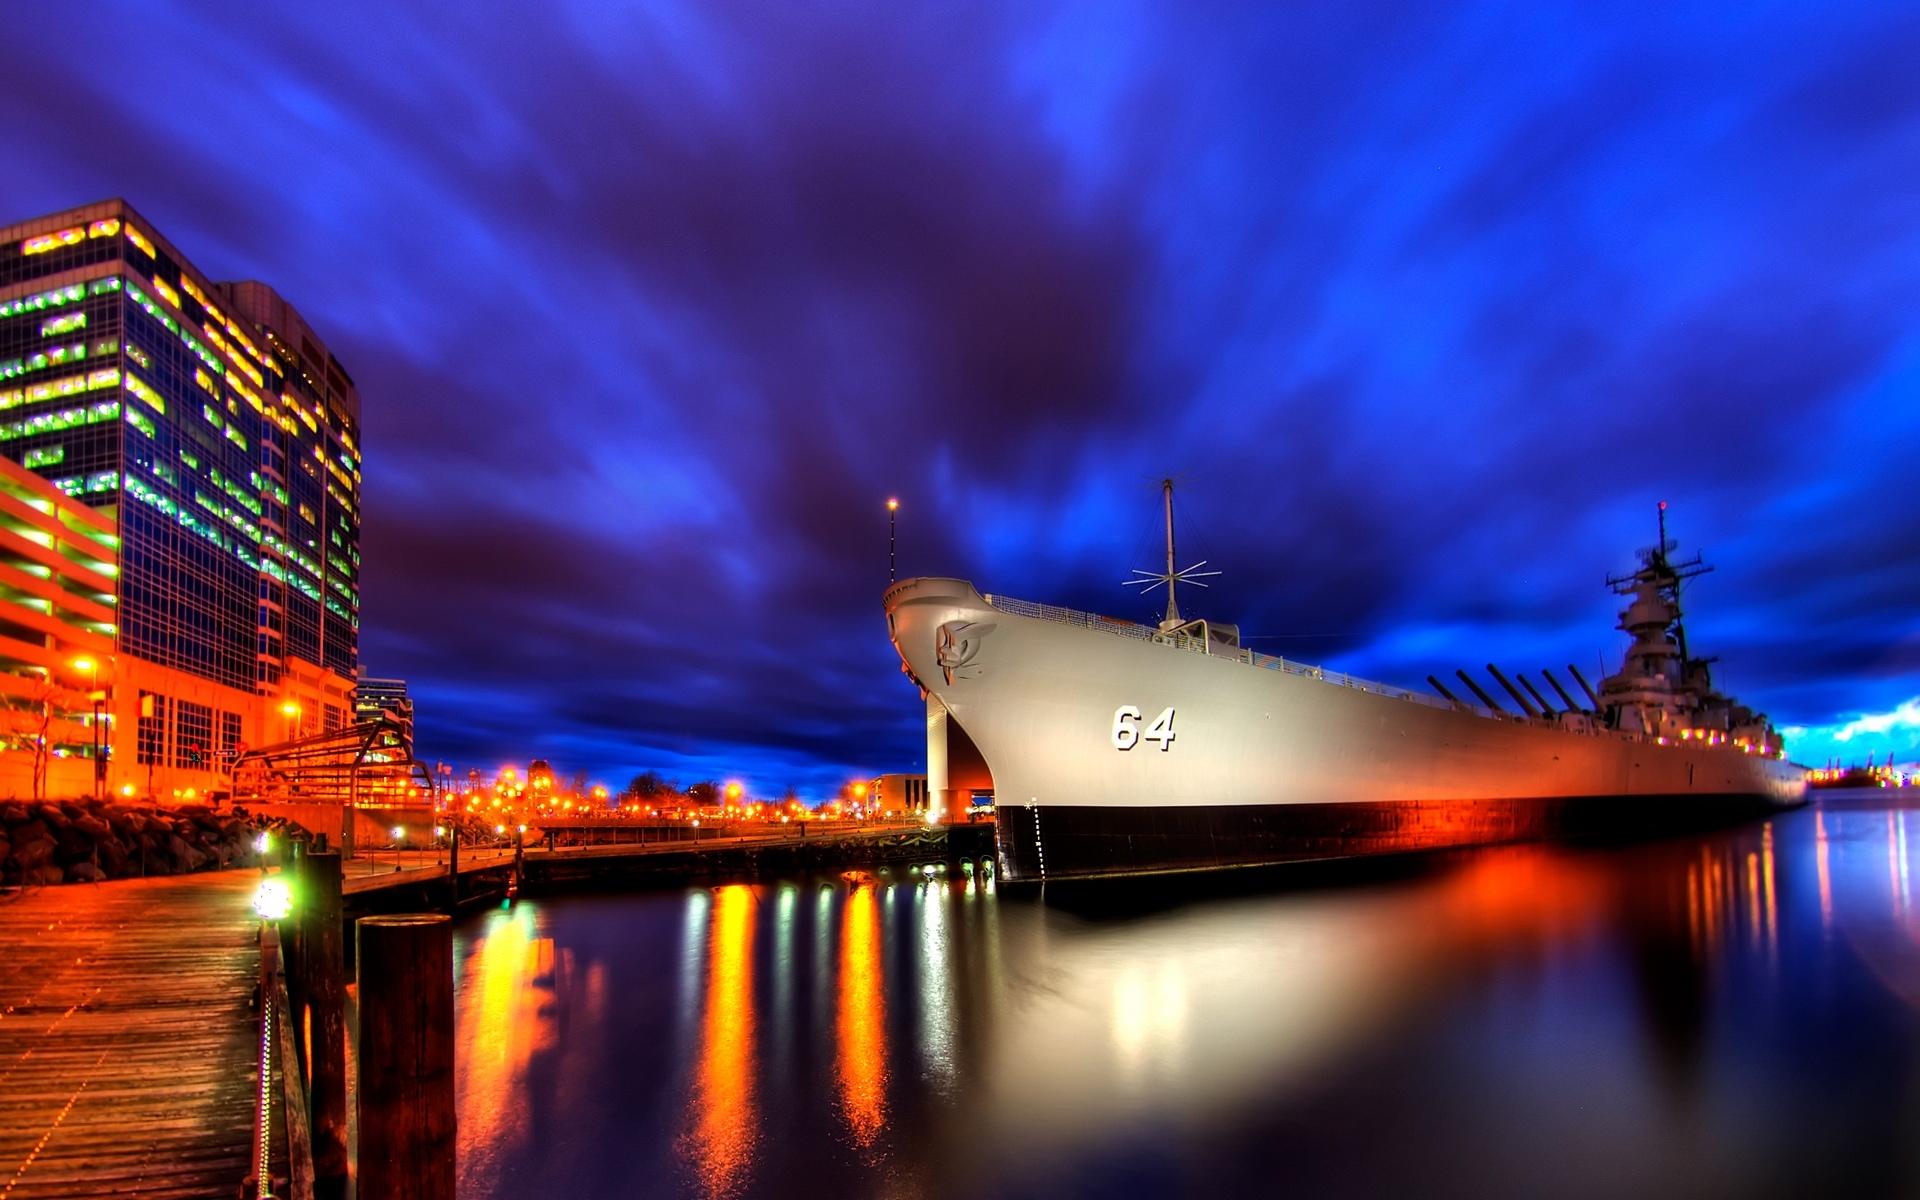 23293 скачать обои Транспорт, Корабли, Море, Оружие - заставки и картинки бесплатно